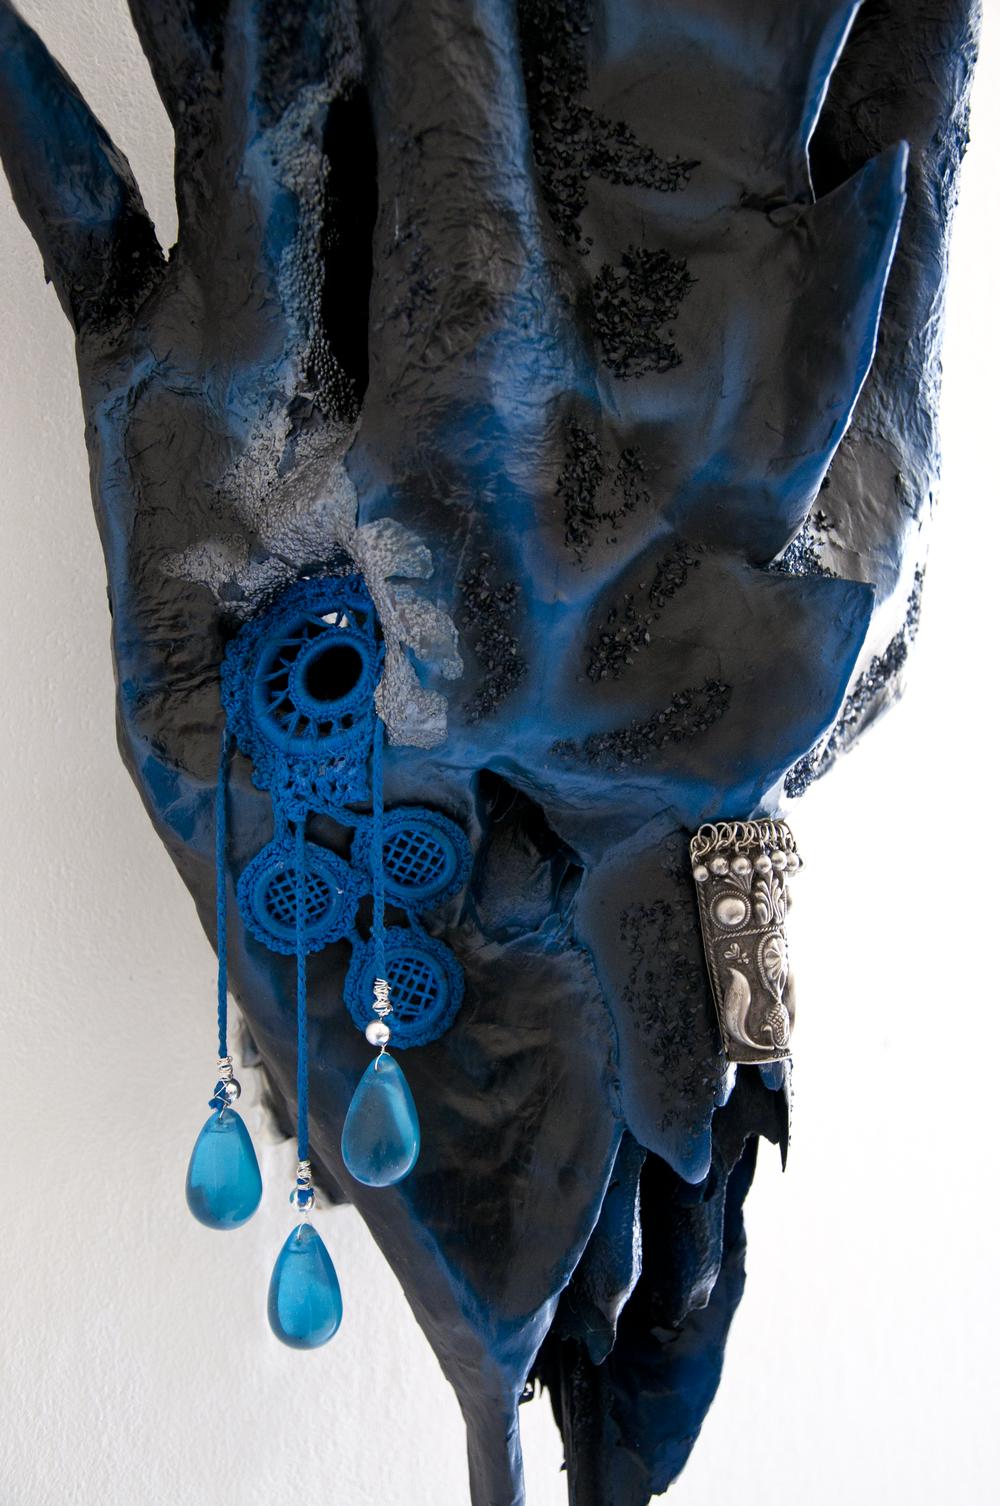 petra-shara-stoor-skull-art-nea-3.png